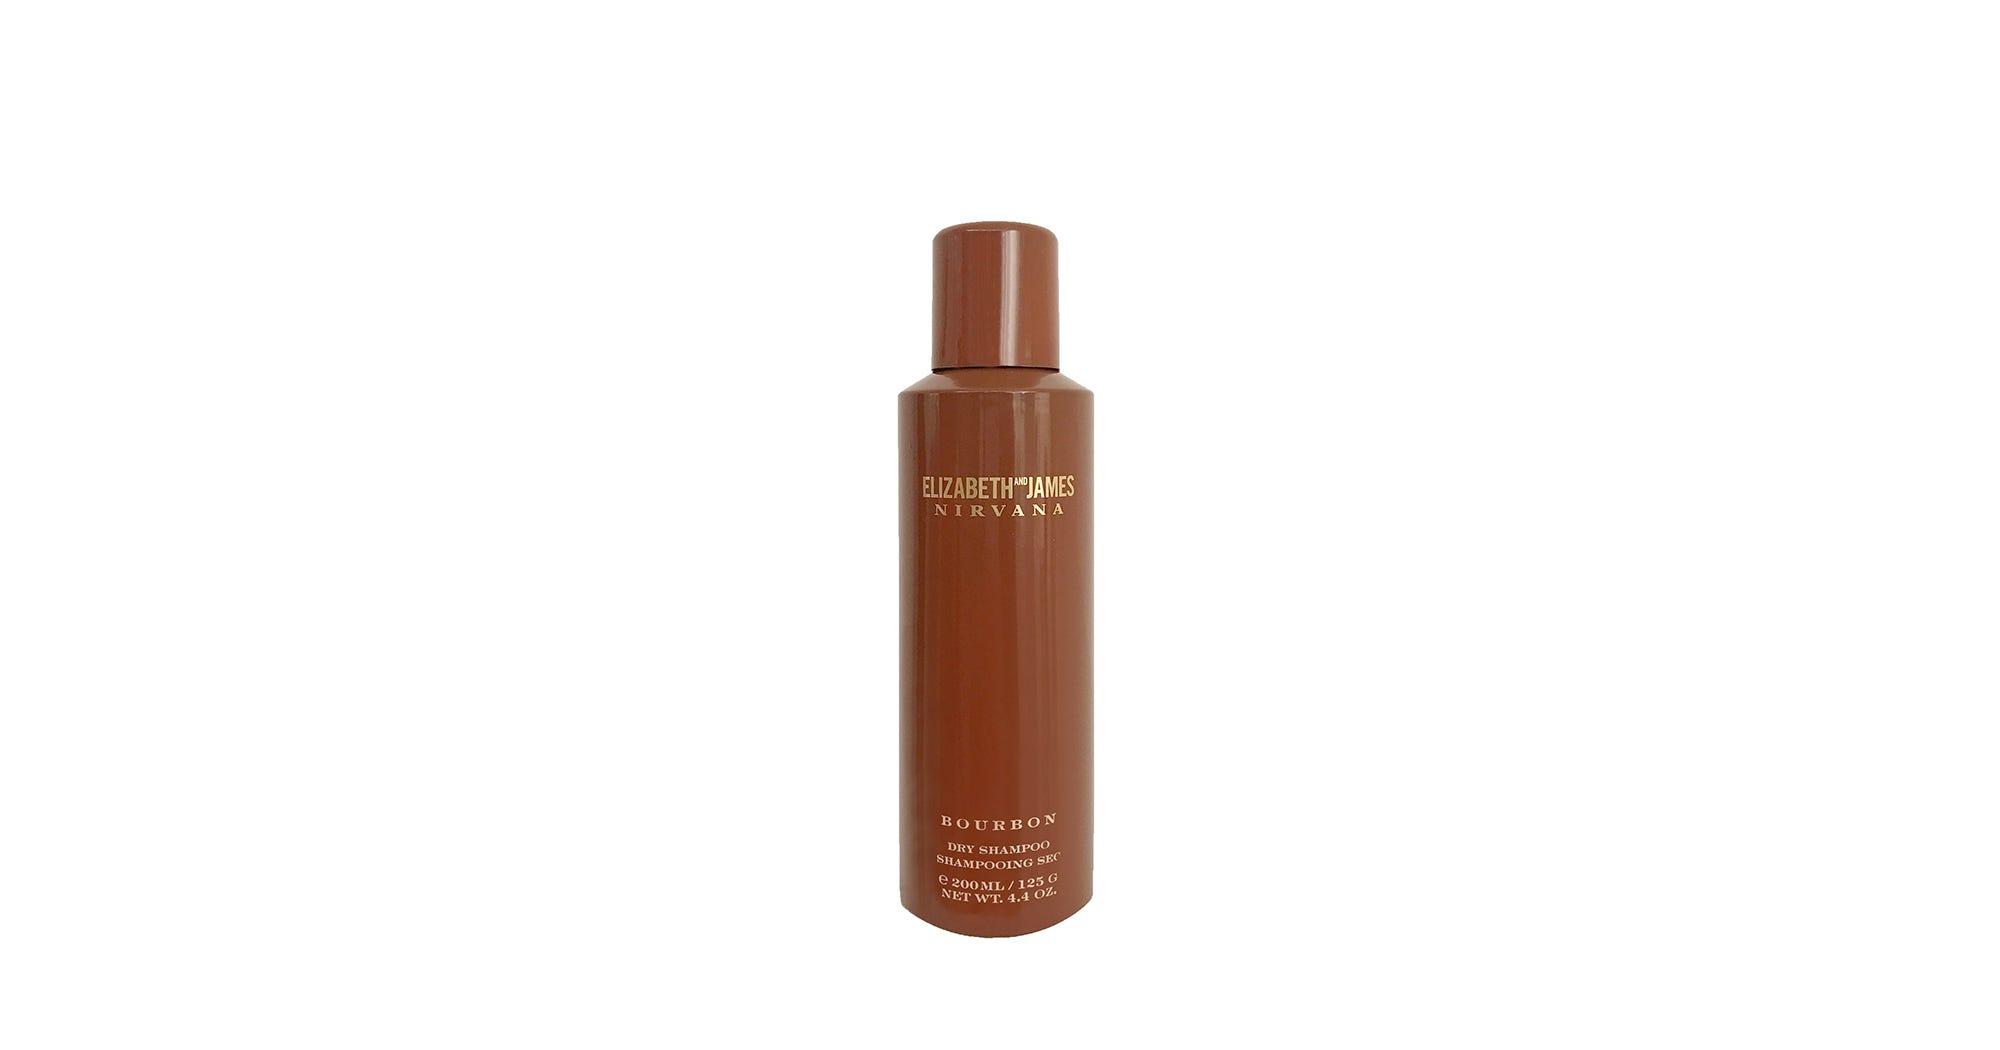 Elizabeth And James Nirvana Bourbon Dry Shampoo Review